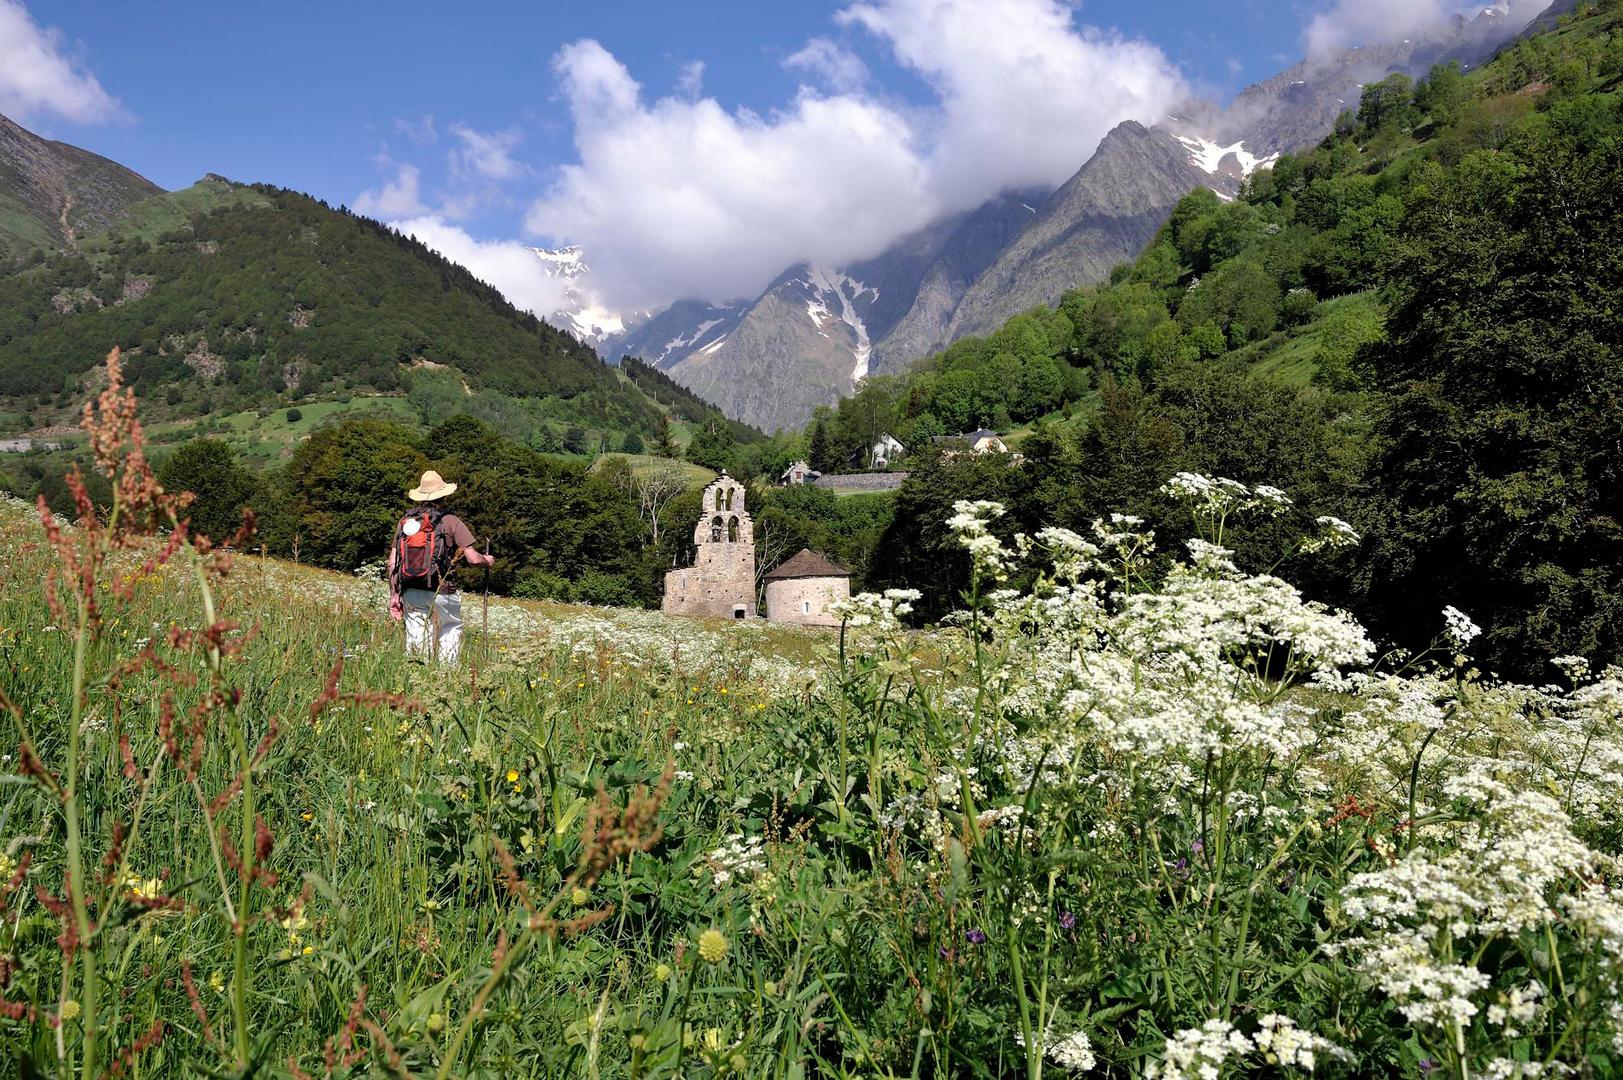 Aragnouet, Chemin du Piémont-Pyrénéen, France